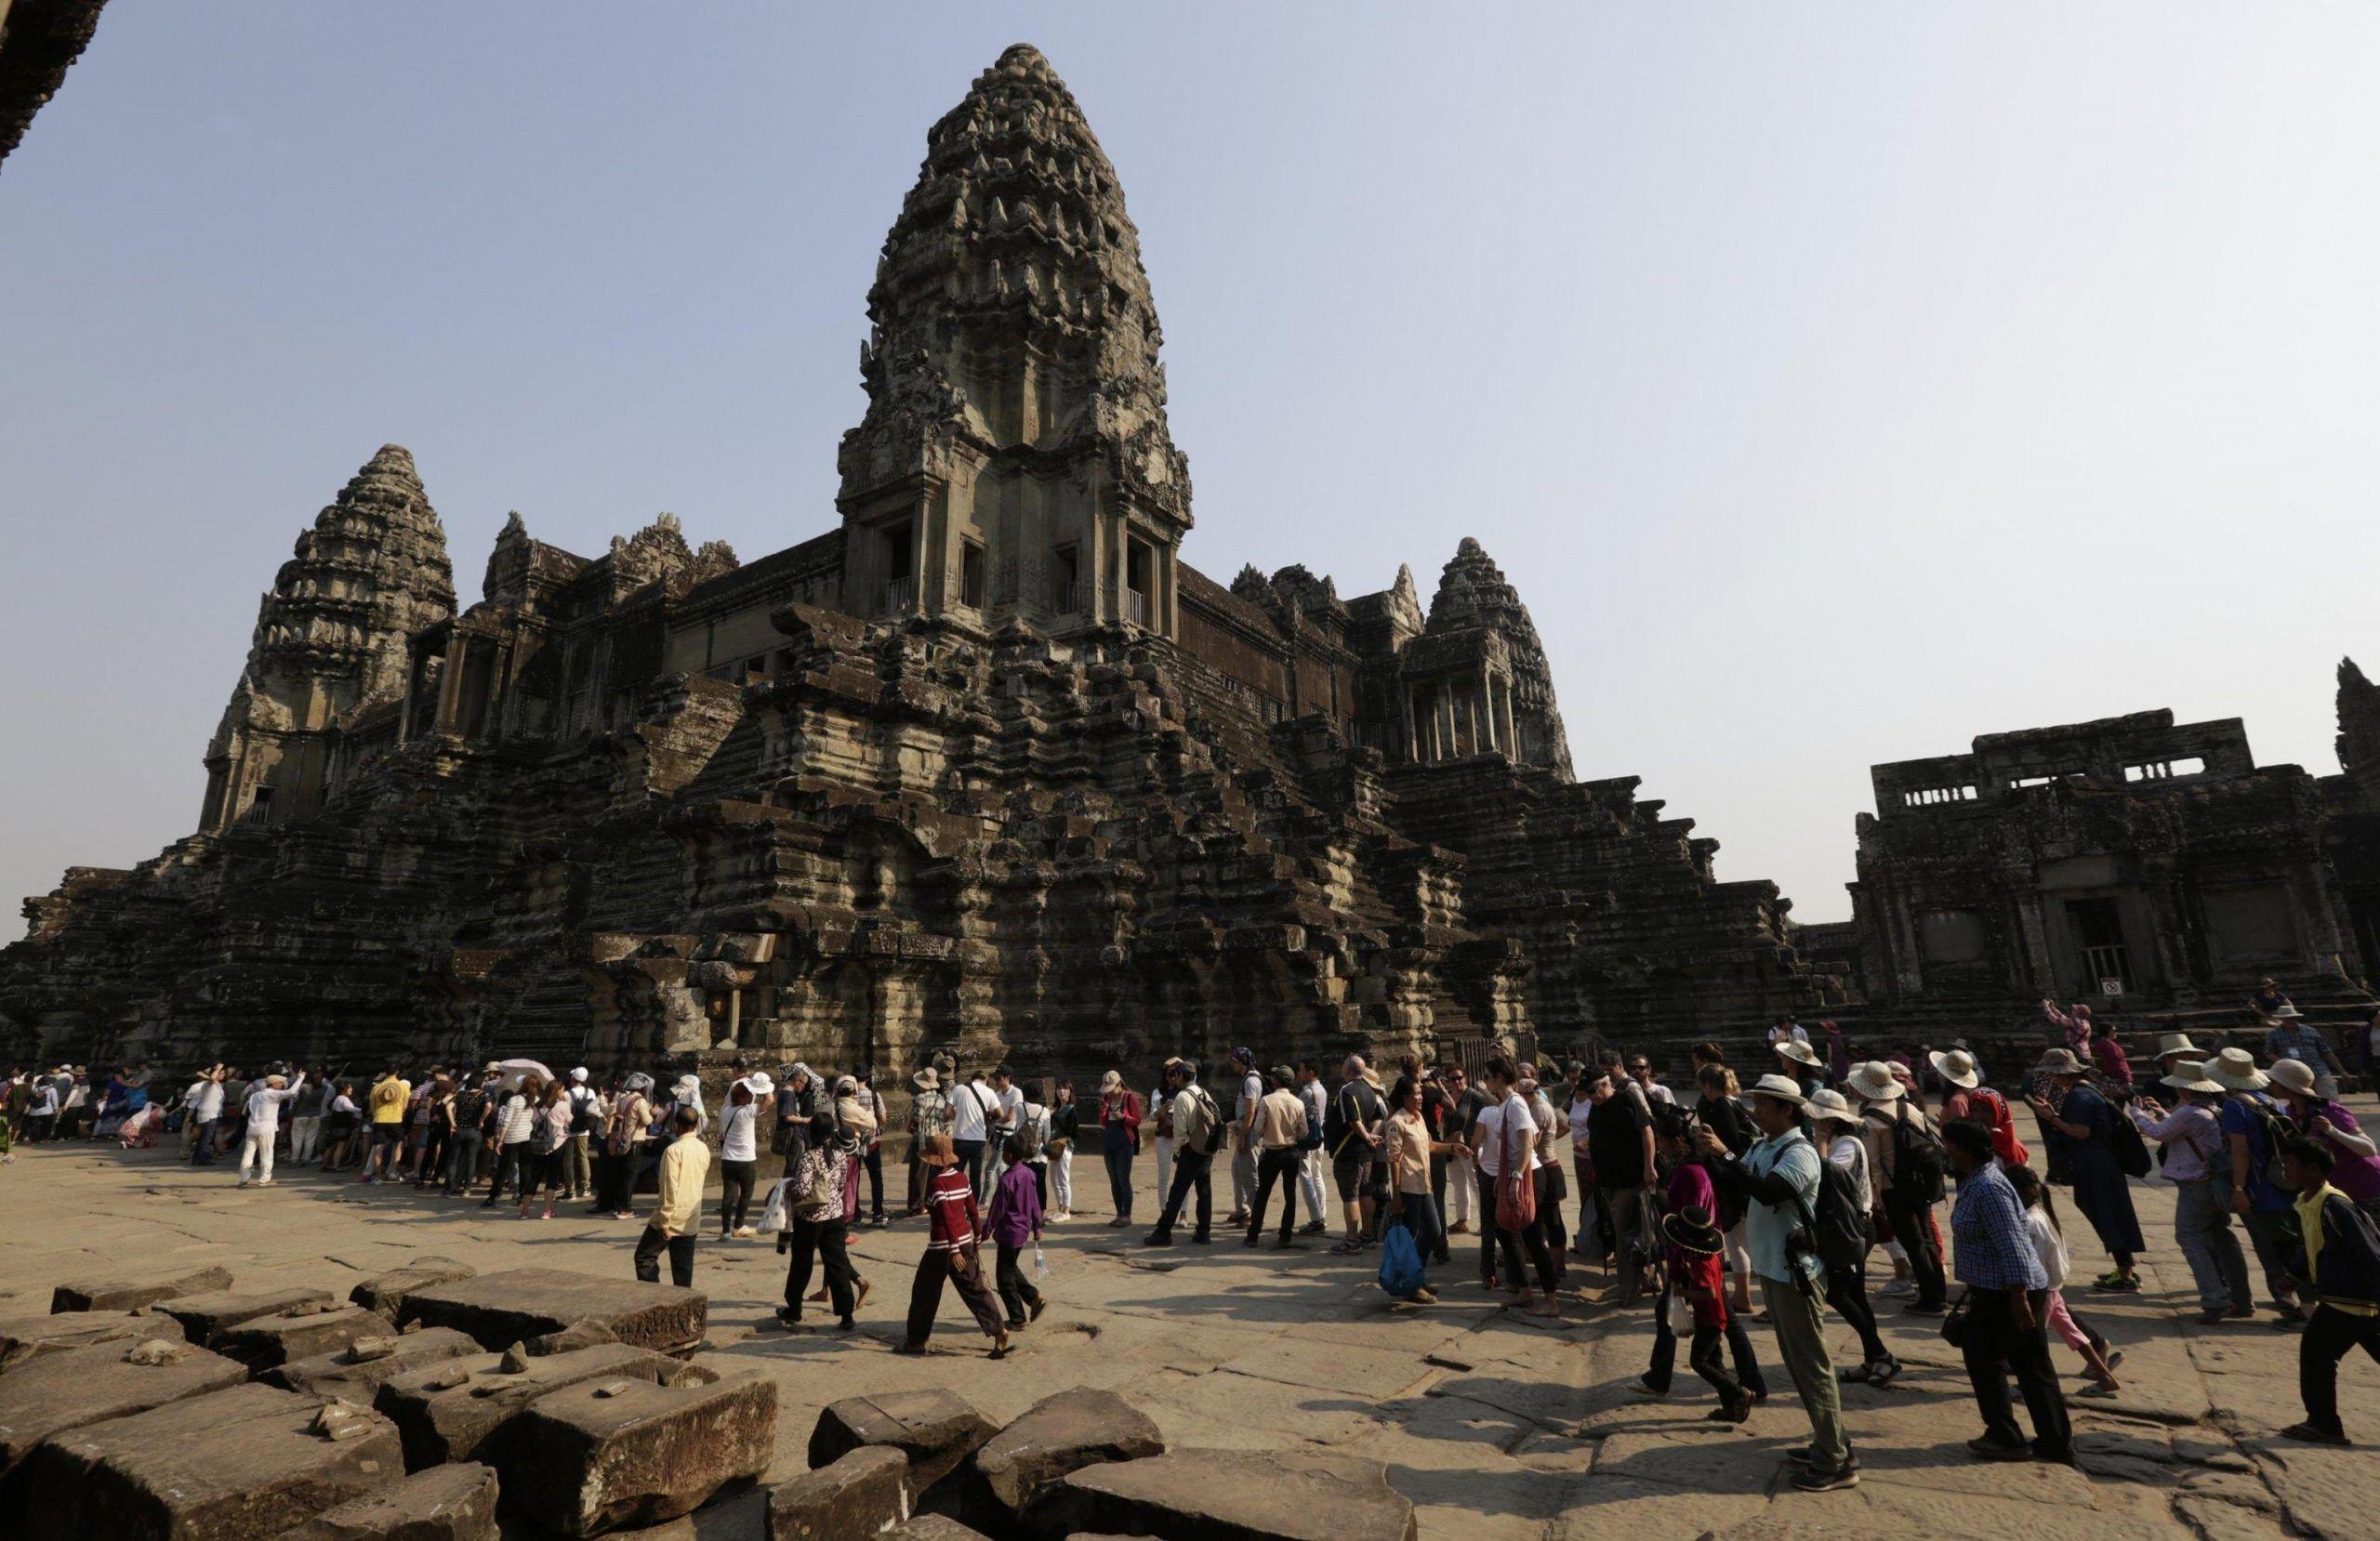 Il complesso di Angkor Watt in Cambogia